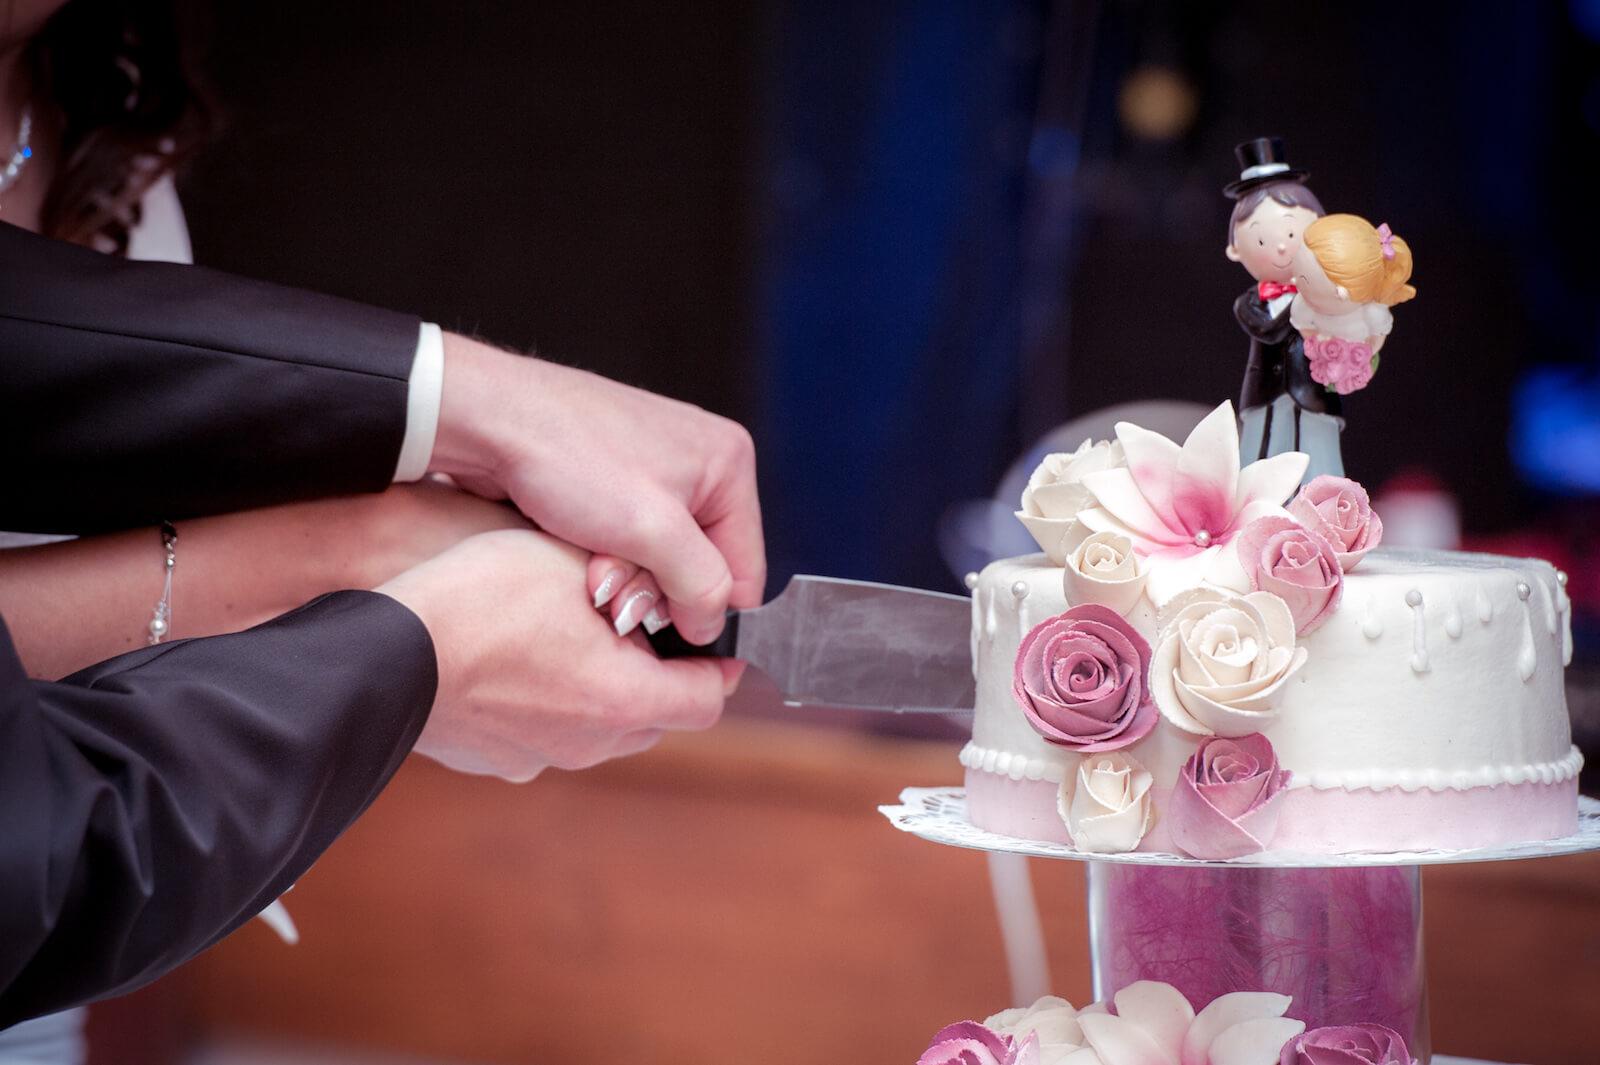 kirchliche Trauung in Landsberg - Brautpaar schneidet Hochzeitstorte an